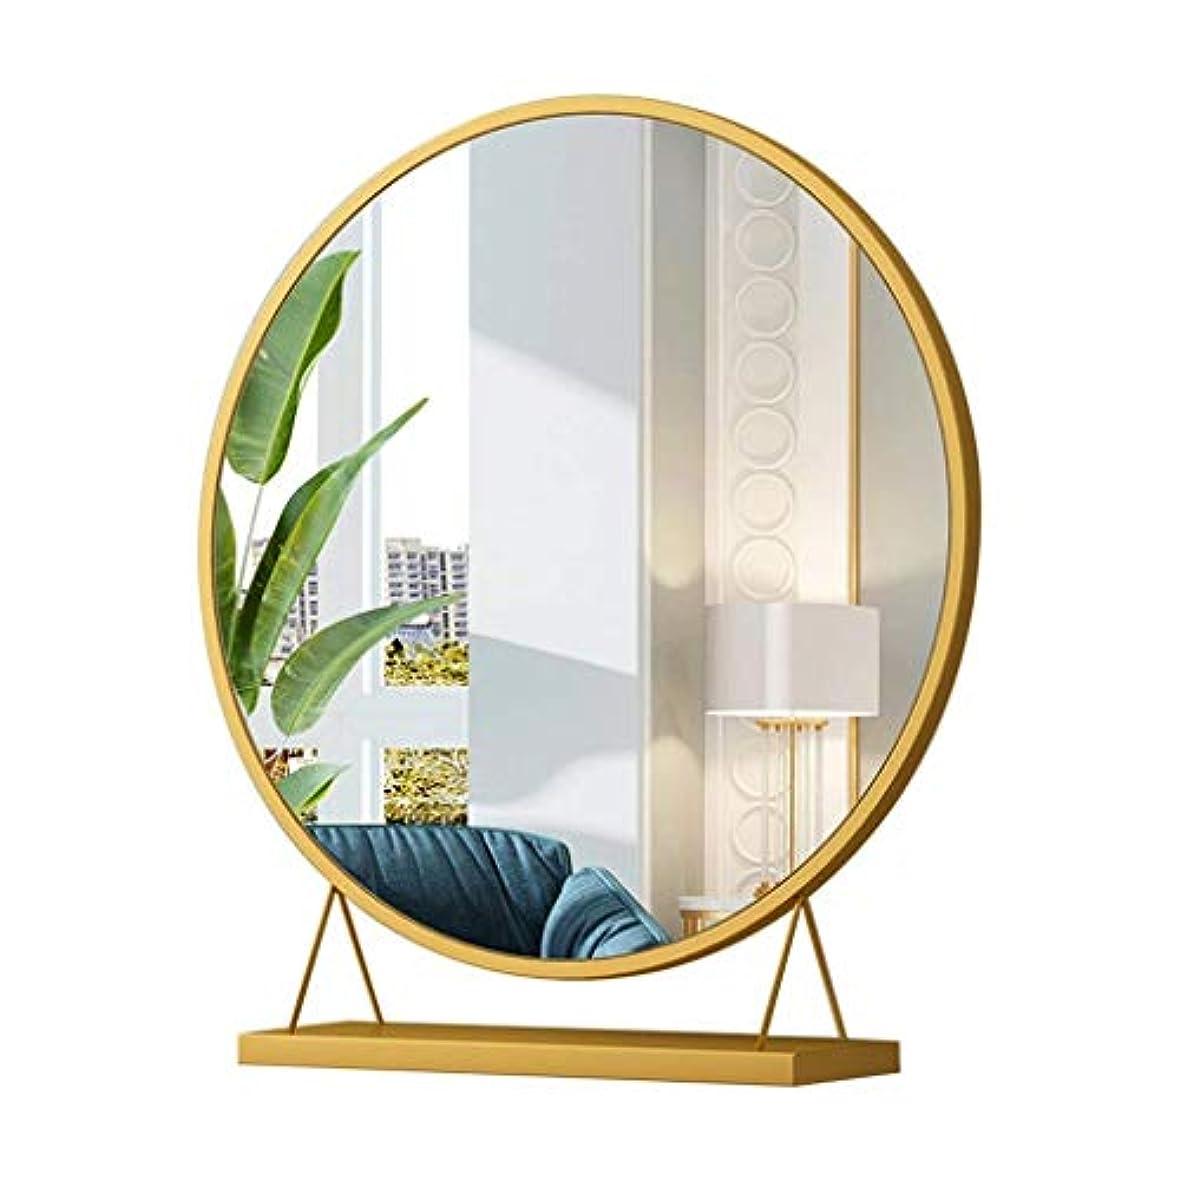 カロリー私たちのものシマウマ卓上ミラー、北欧の金の化粧台の卓上の円形の美ミラー (色 : ゴールド, サイズ さいず : 40*40cm)